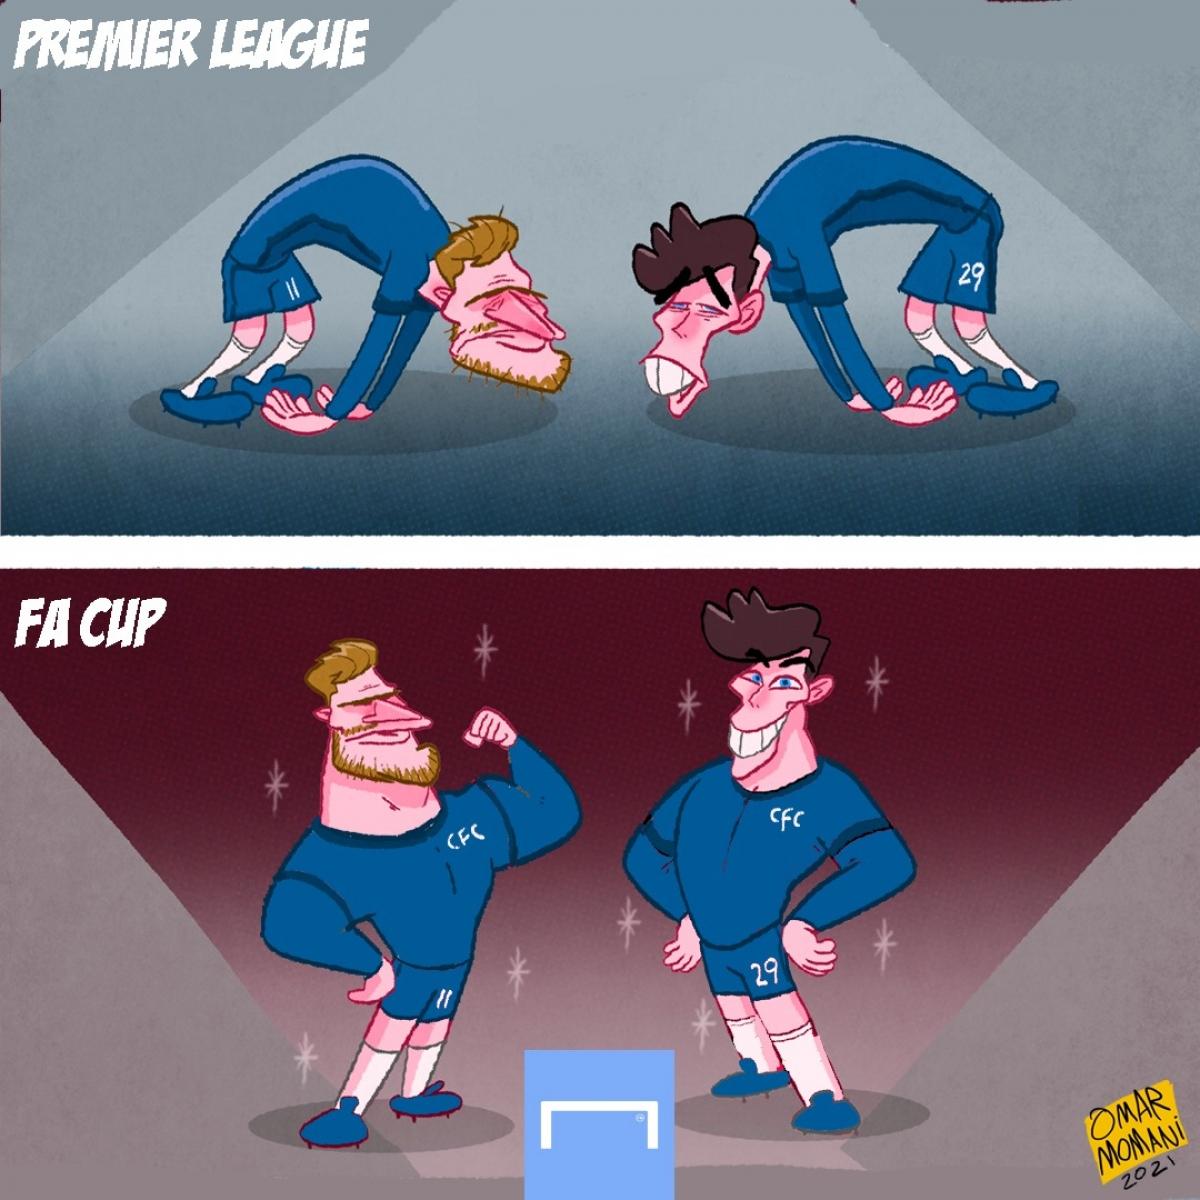 Kai Havertz và Timo Werner ở Premier League và FA Cup.